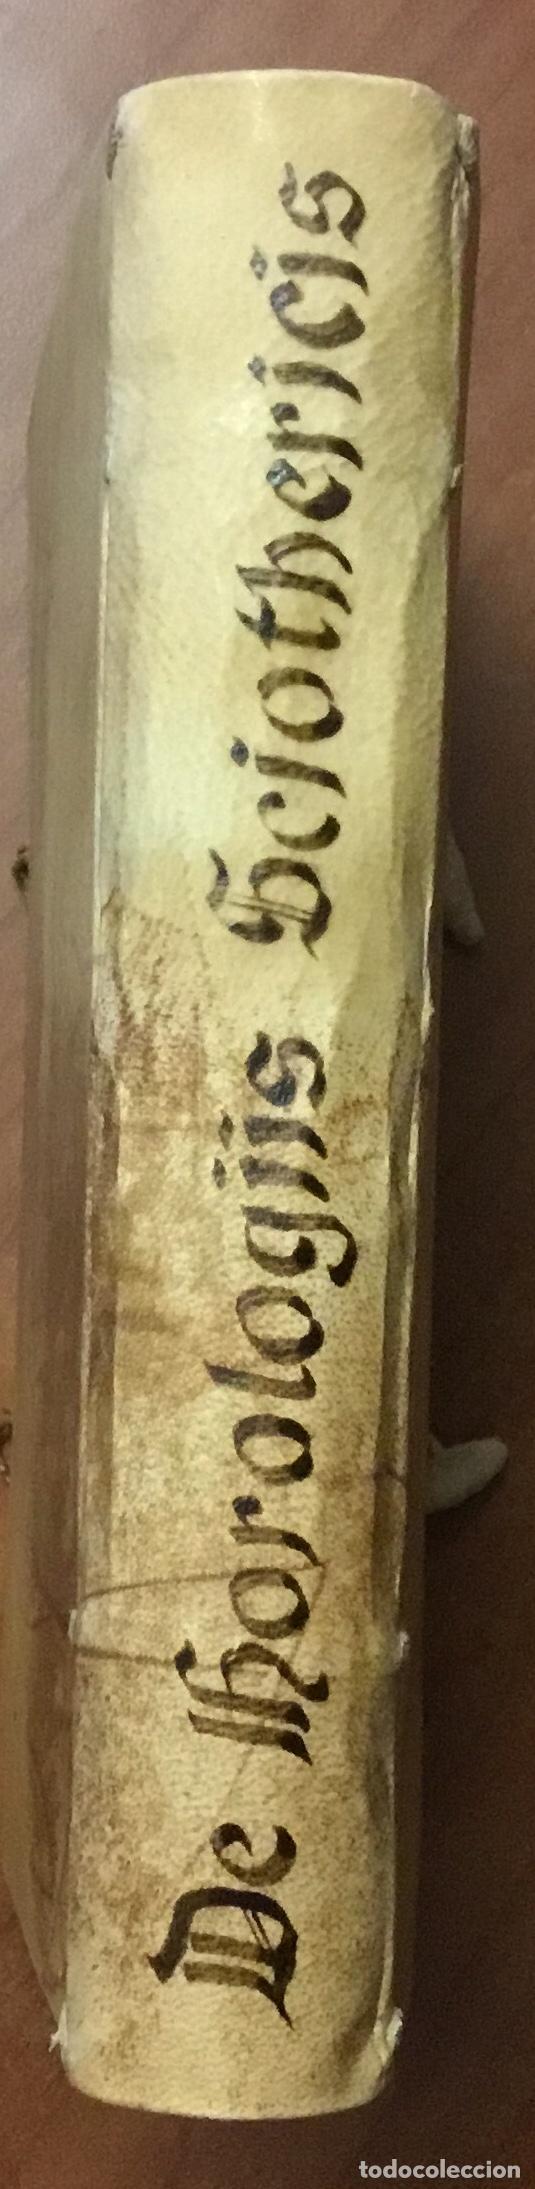 Libros antiguos: VOELLO, Joanne. DE HOROLOGIIS SCIOTHERICIS LIBRI TRES. RELOJES DE SOL ASTRONOMIA 1608 - Foto 17 - 110342419